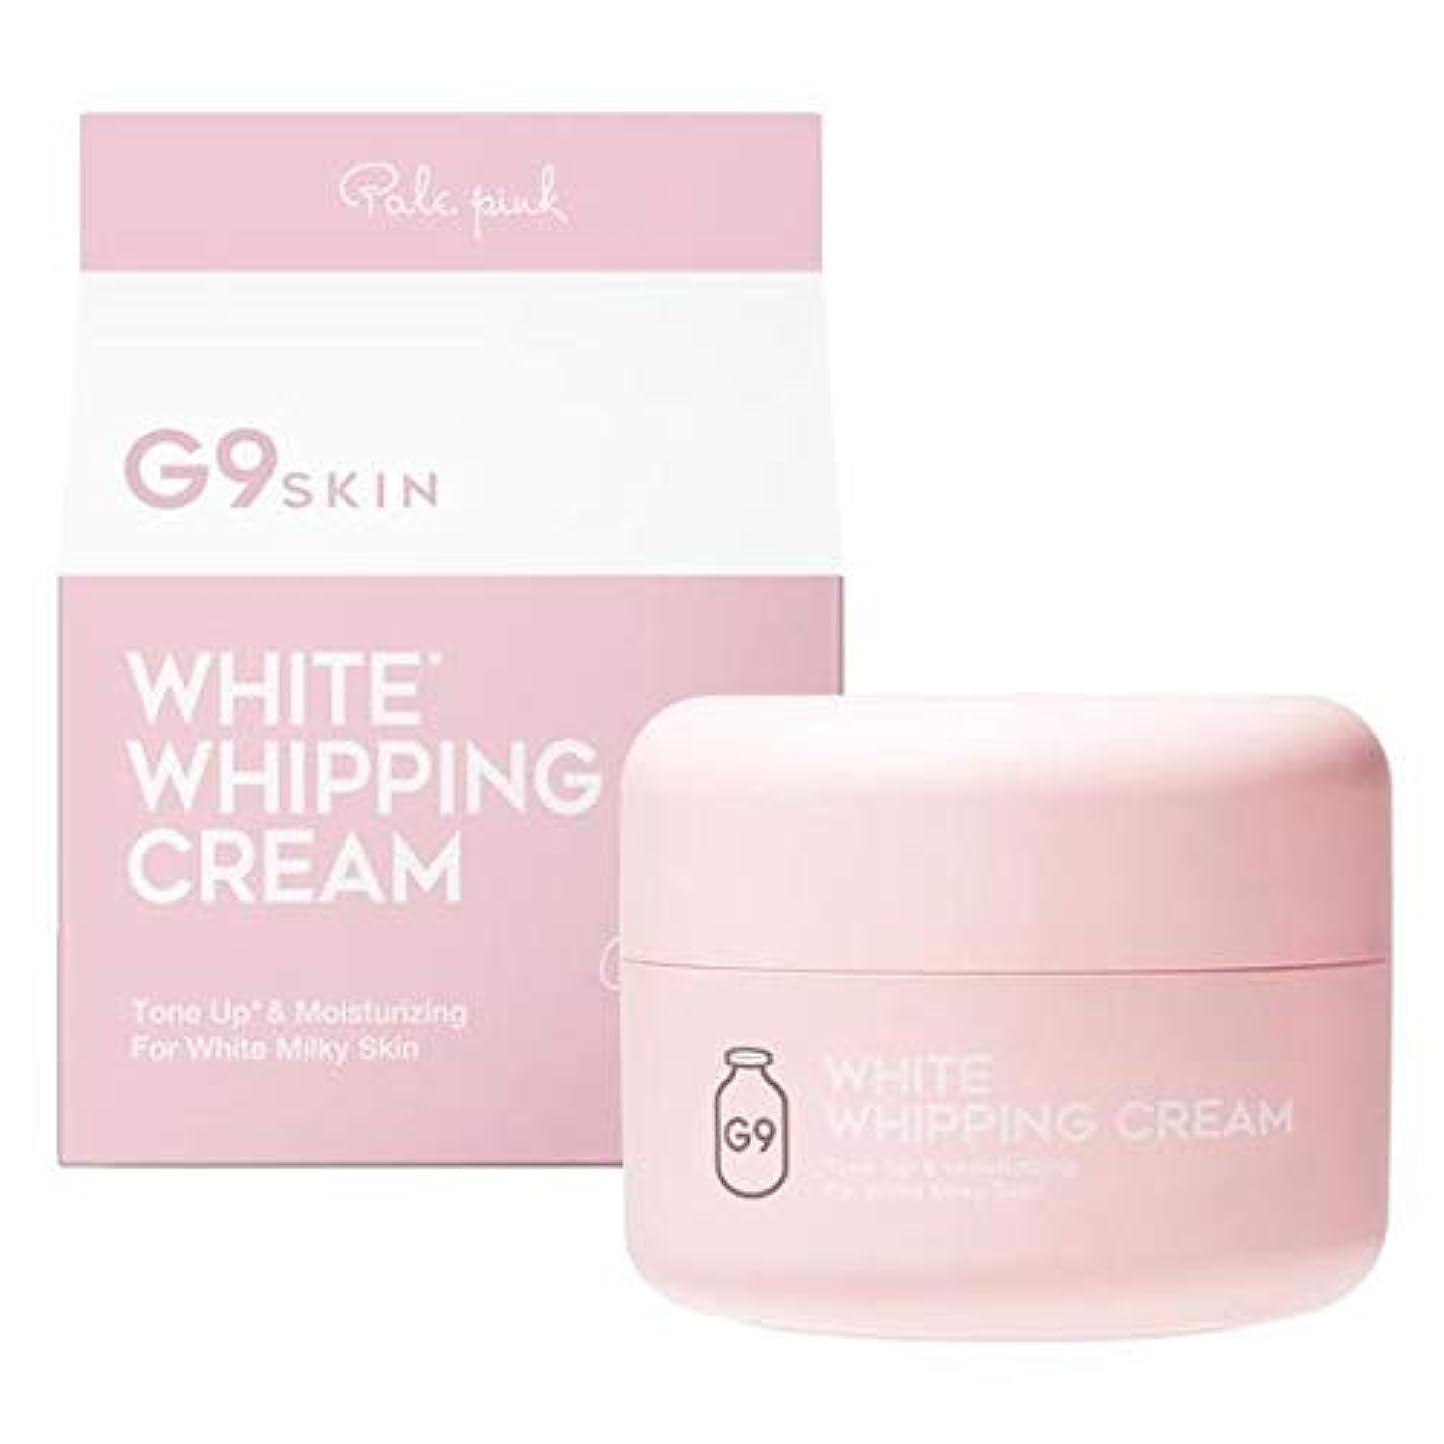 多用途韓国賢いホワイトホイッピングクリーム ピンク 50g